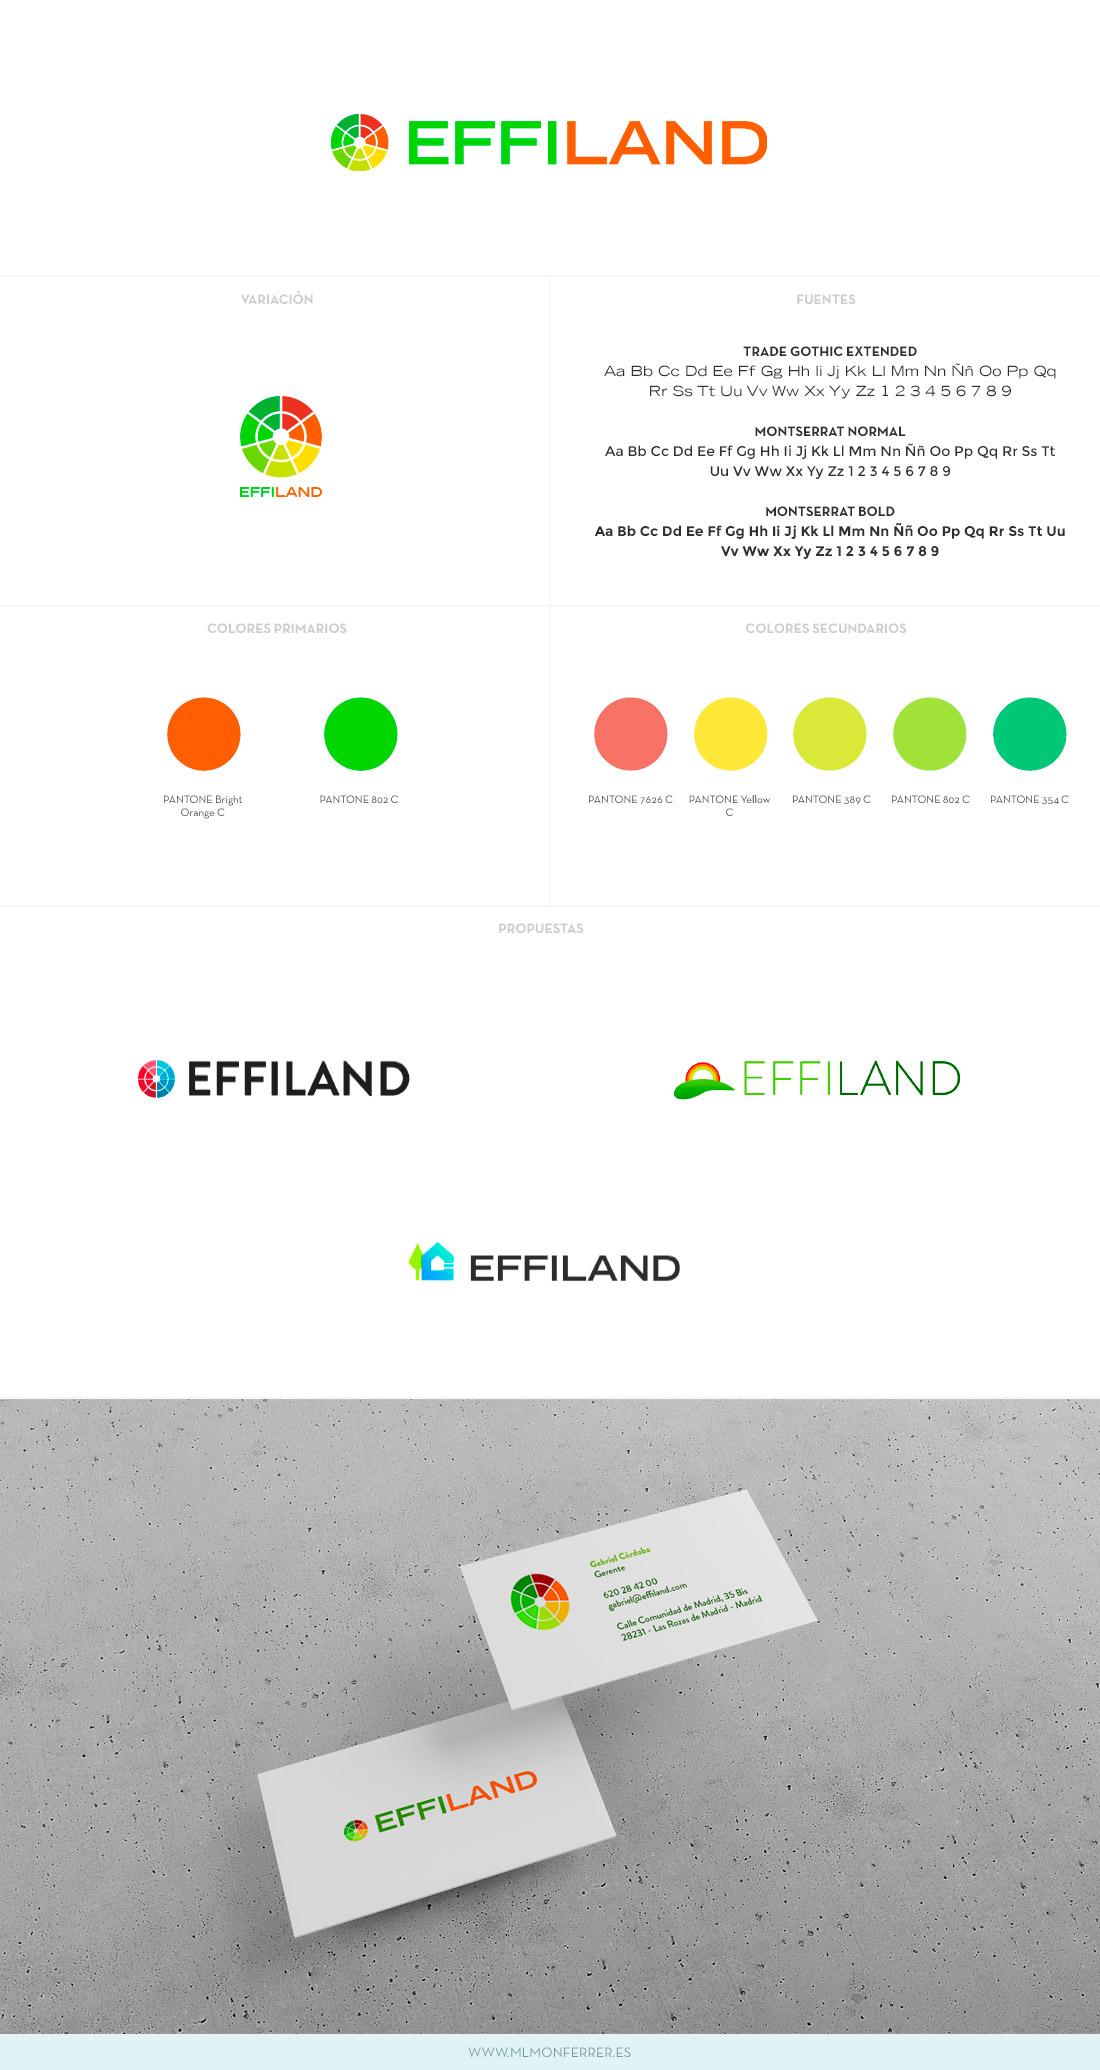 Logotipo Effiland